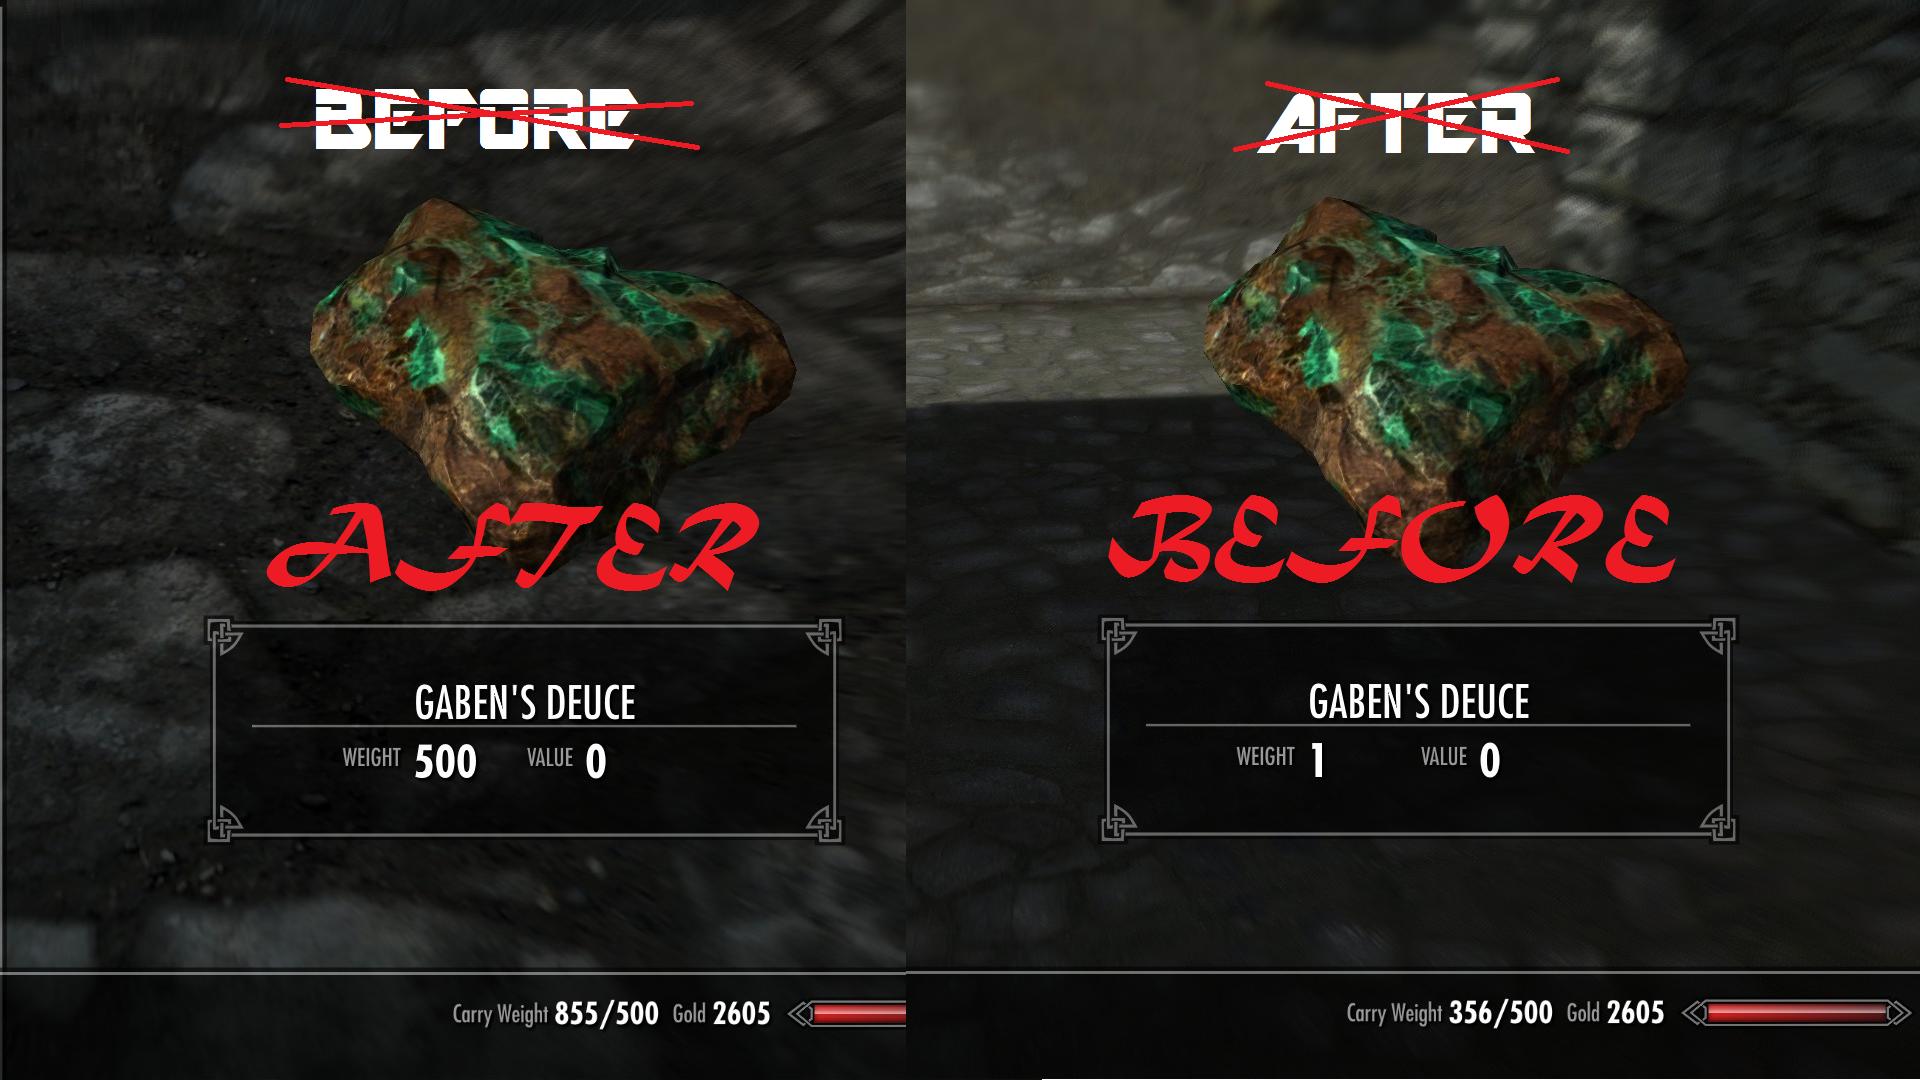 Gd Image Gaben S Deuce Mod For Elder Scrolls V Skyrim